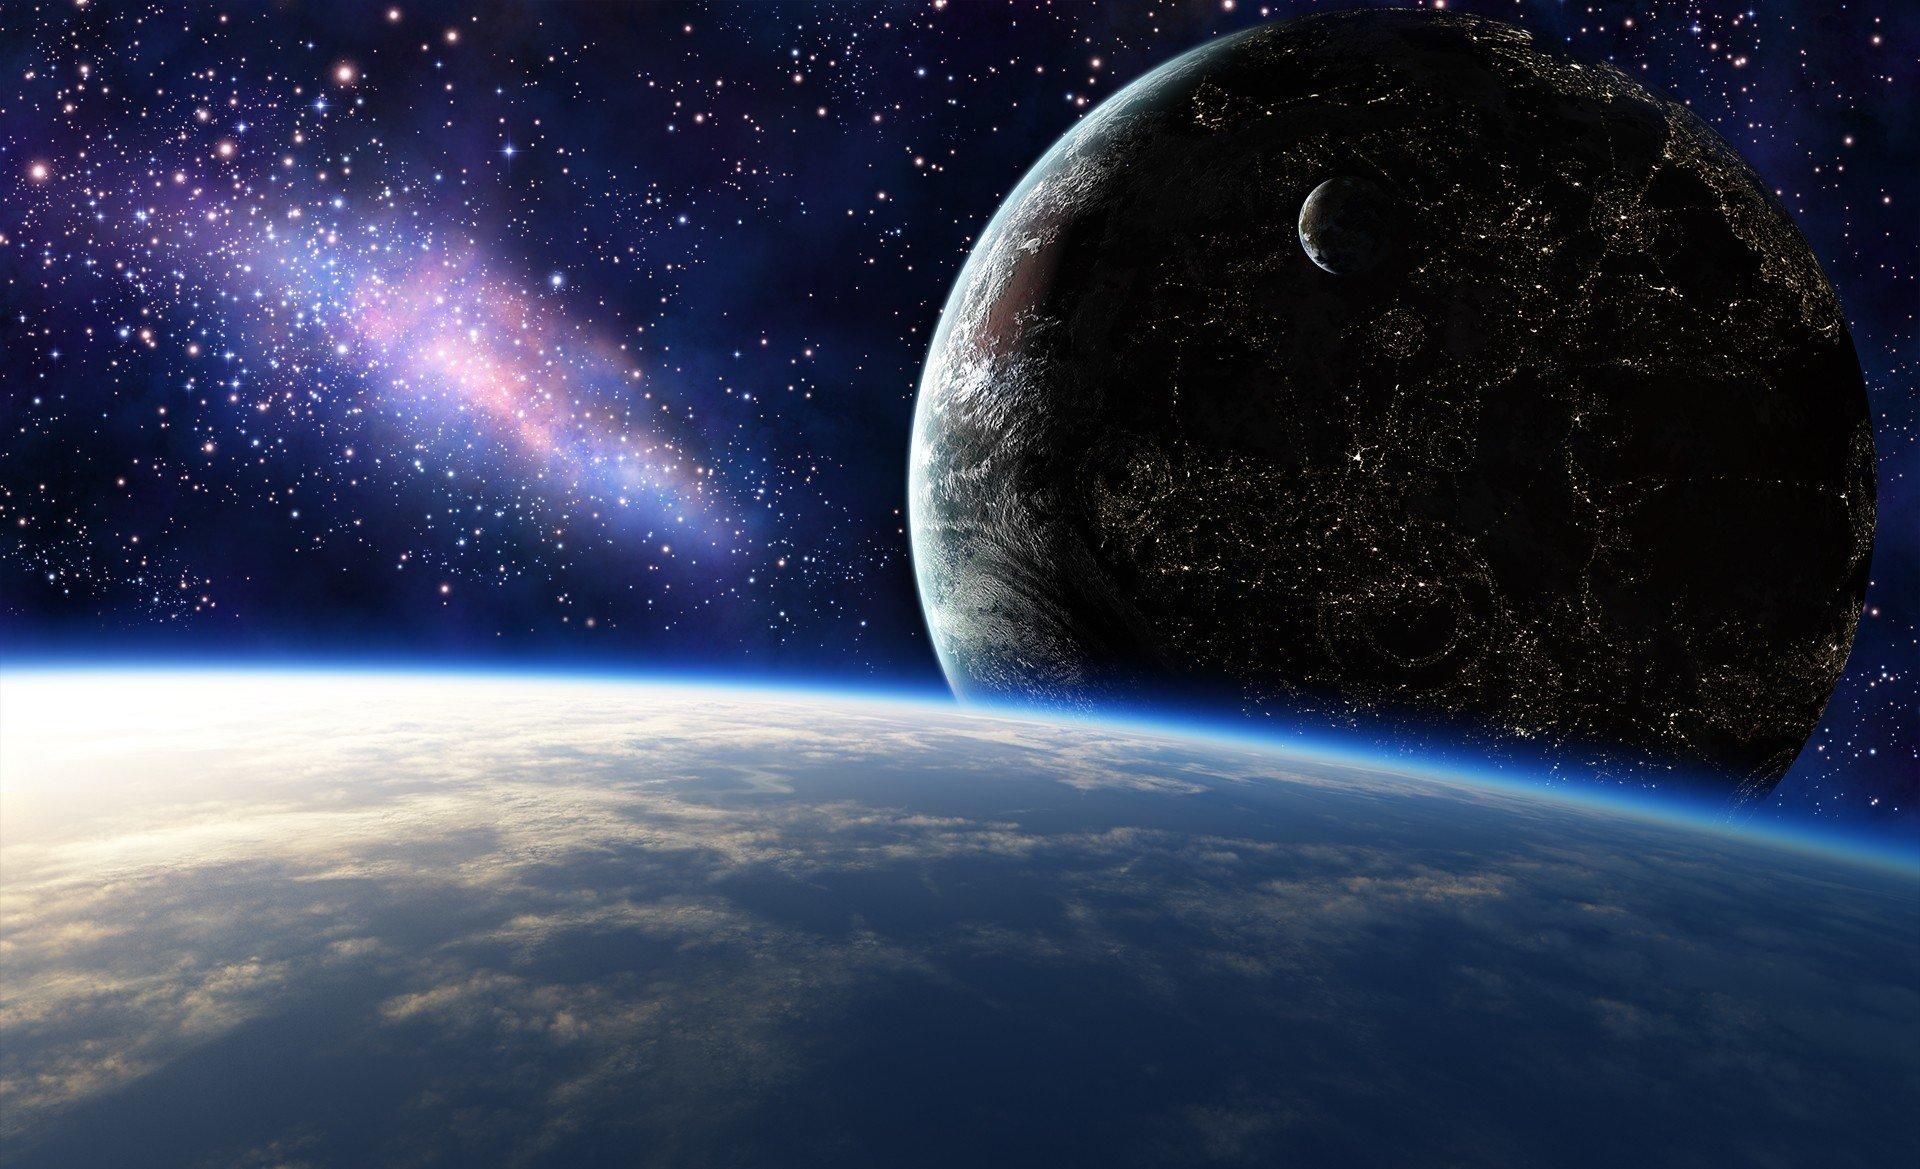 картинки космоса в высоком разрешении таких